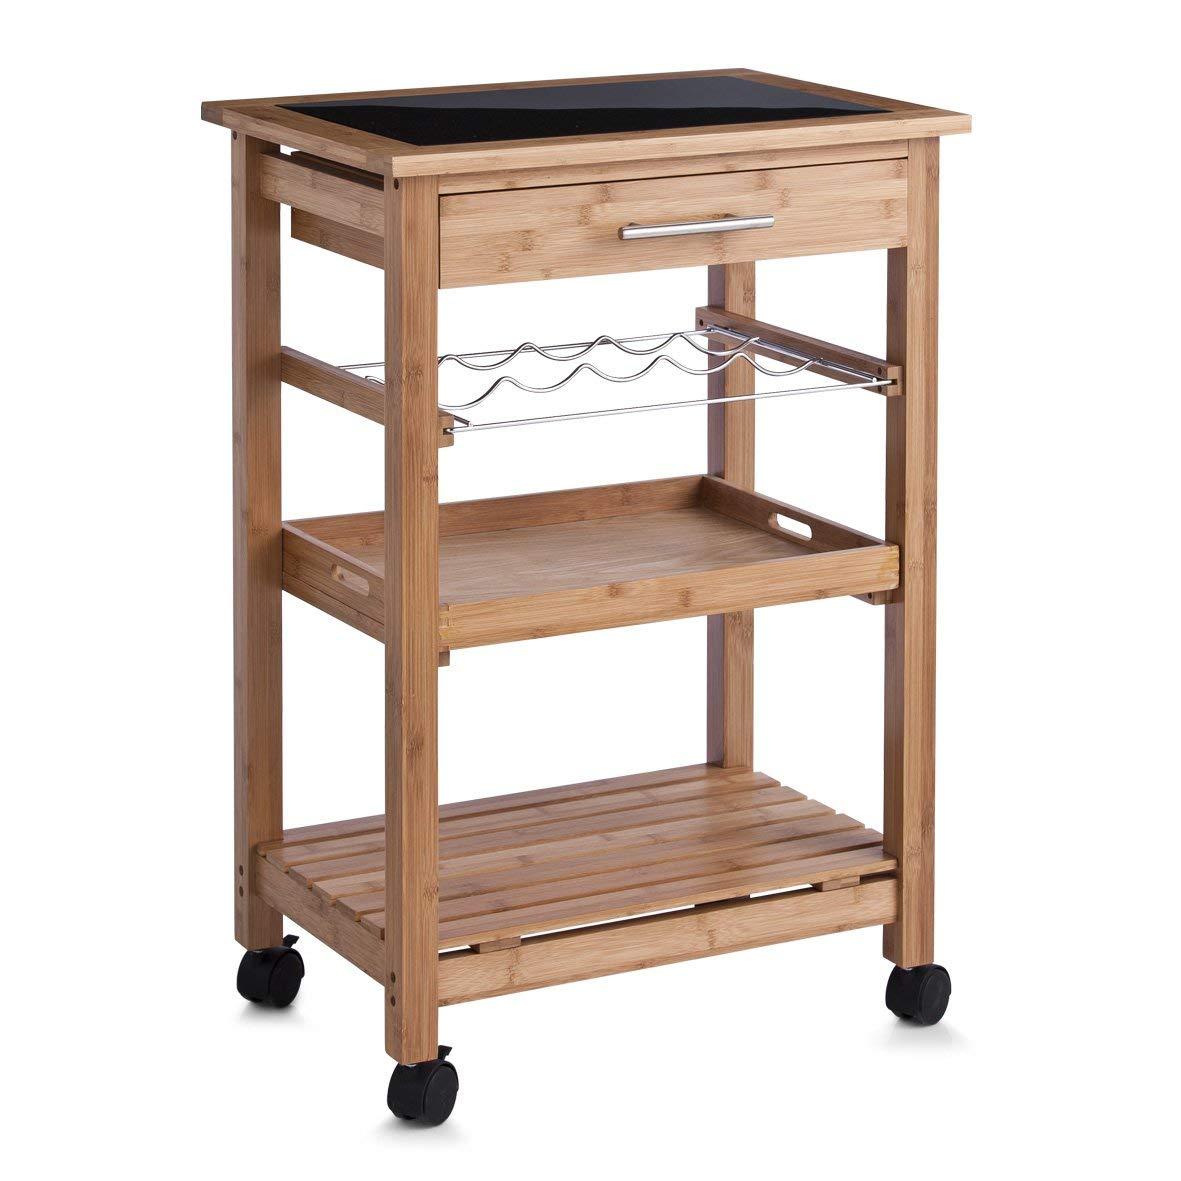 Zeller 13778 - Carrito para cocina con repisa de cristal, madera de bambú (58 x 40 x 85 cm): Amazon.es: Hogar